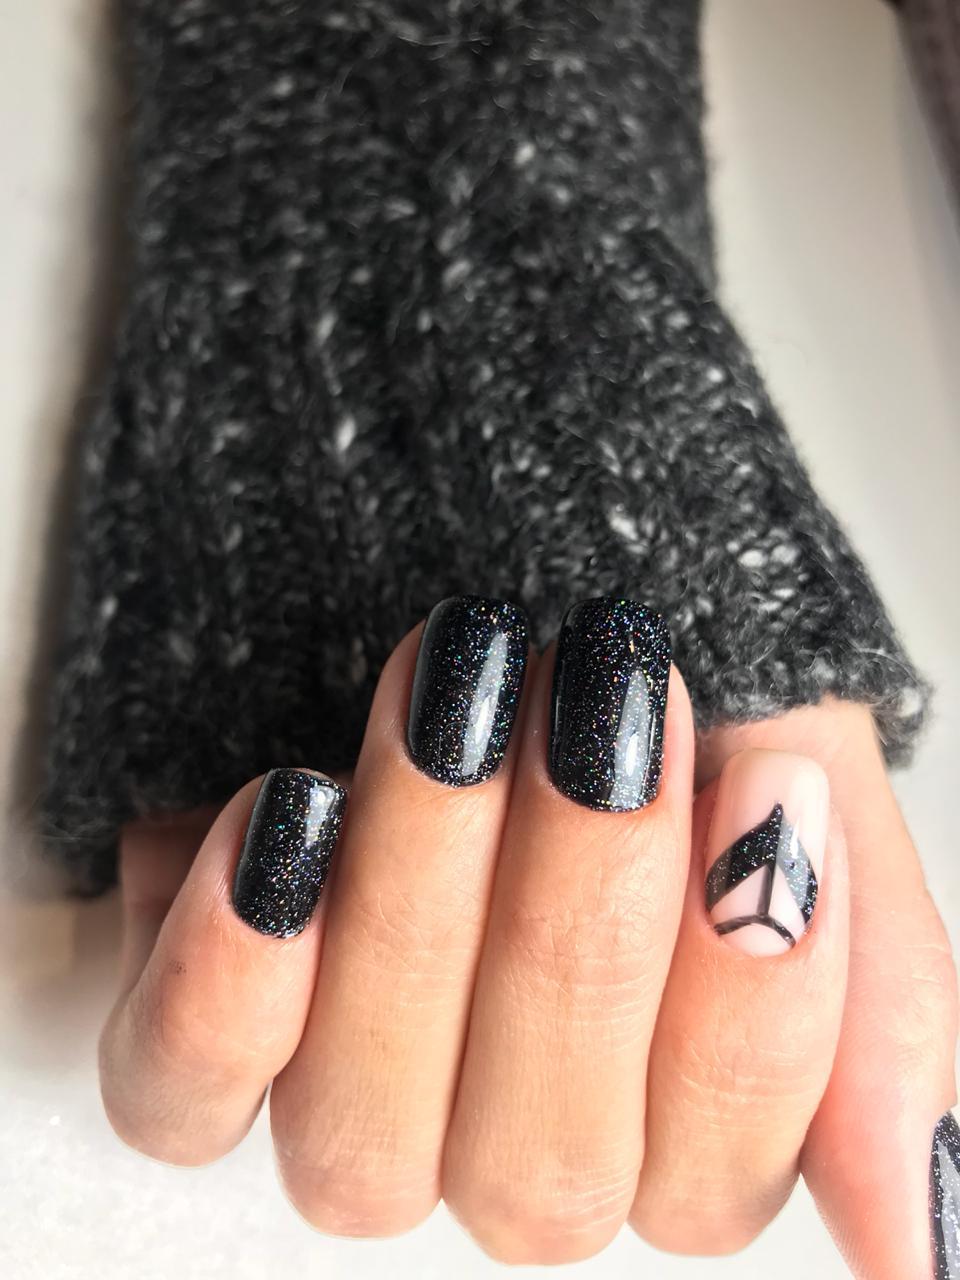 Маникюр в чёрном цвете с абстрактным рисунком и блёстками.